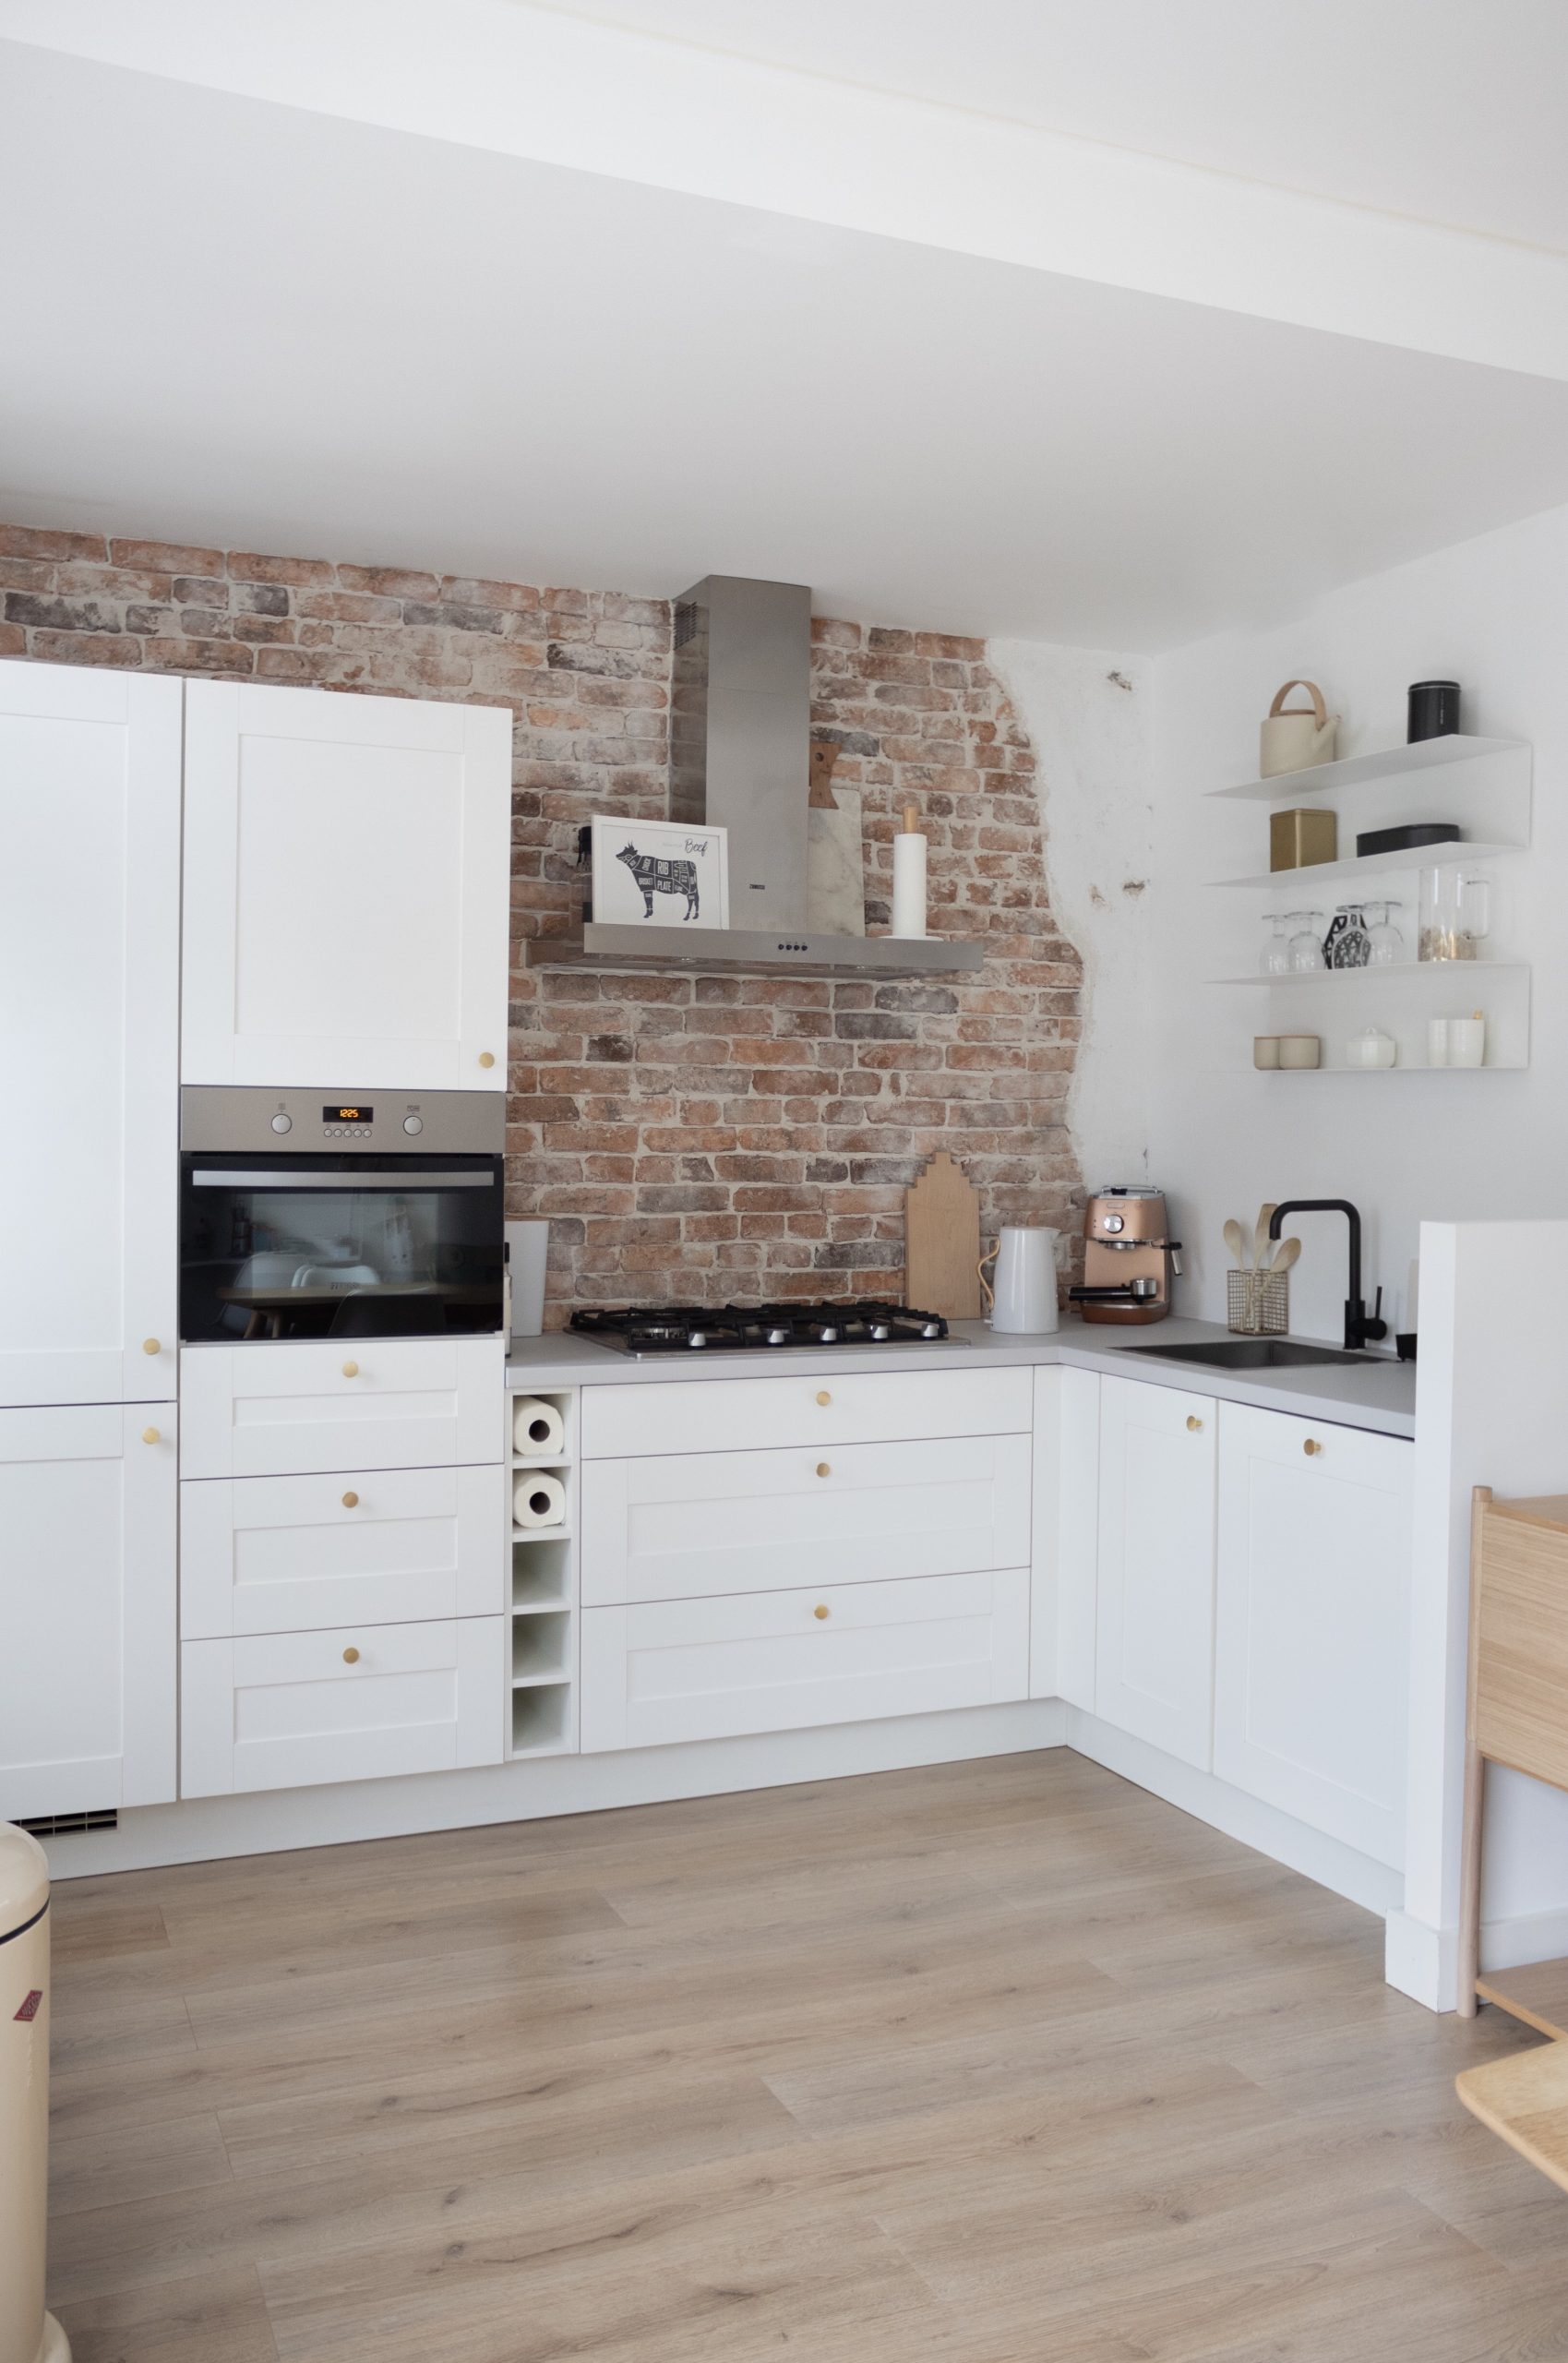 Spiksplinternieuw Keuken makeover: zelfde keuken, nieuwe look - (TH)ATHOMEPAGE LU-32